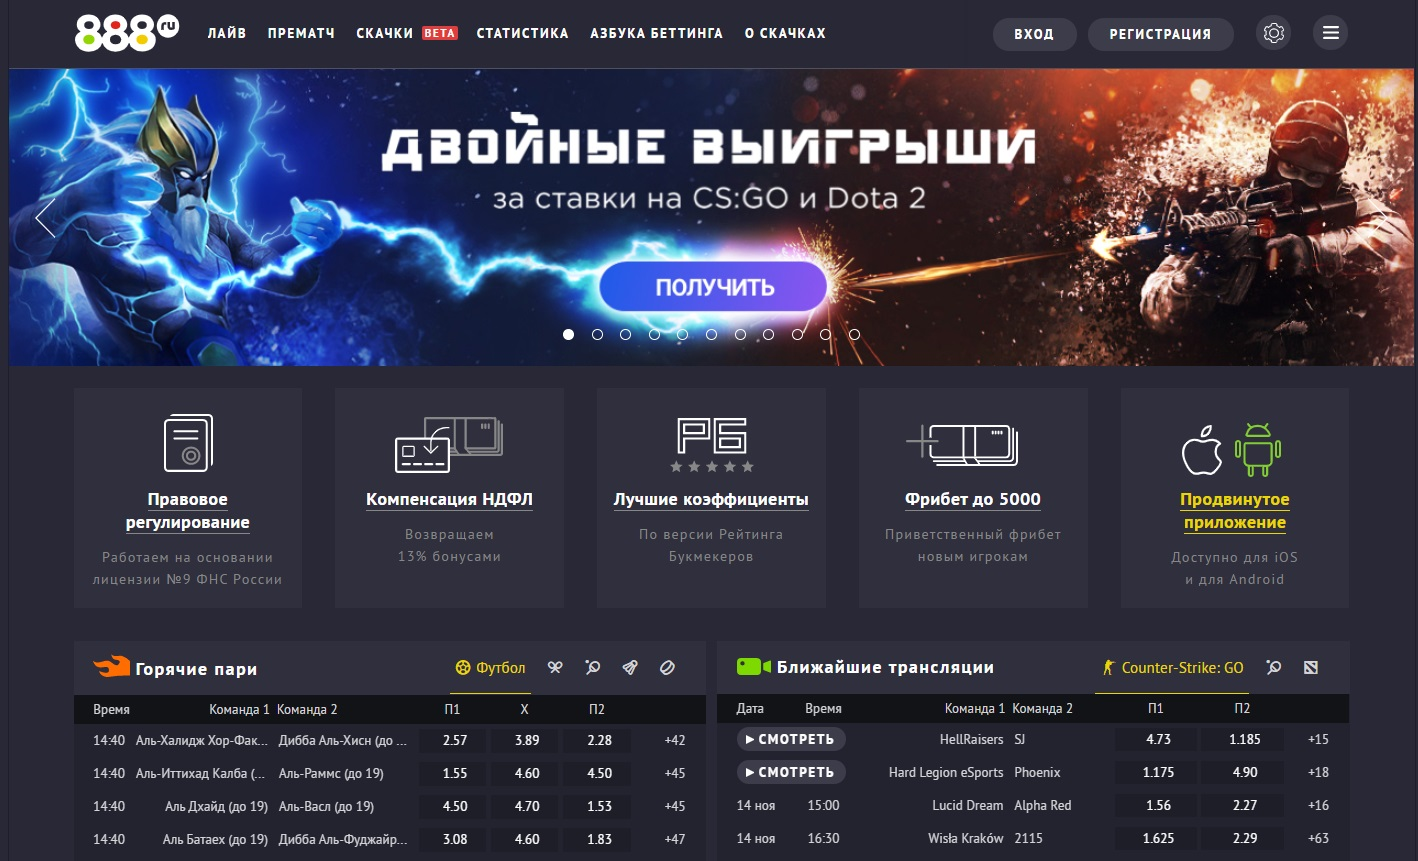 """""""888 ru"""" - отзывы"""